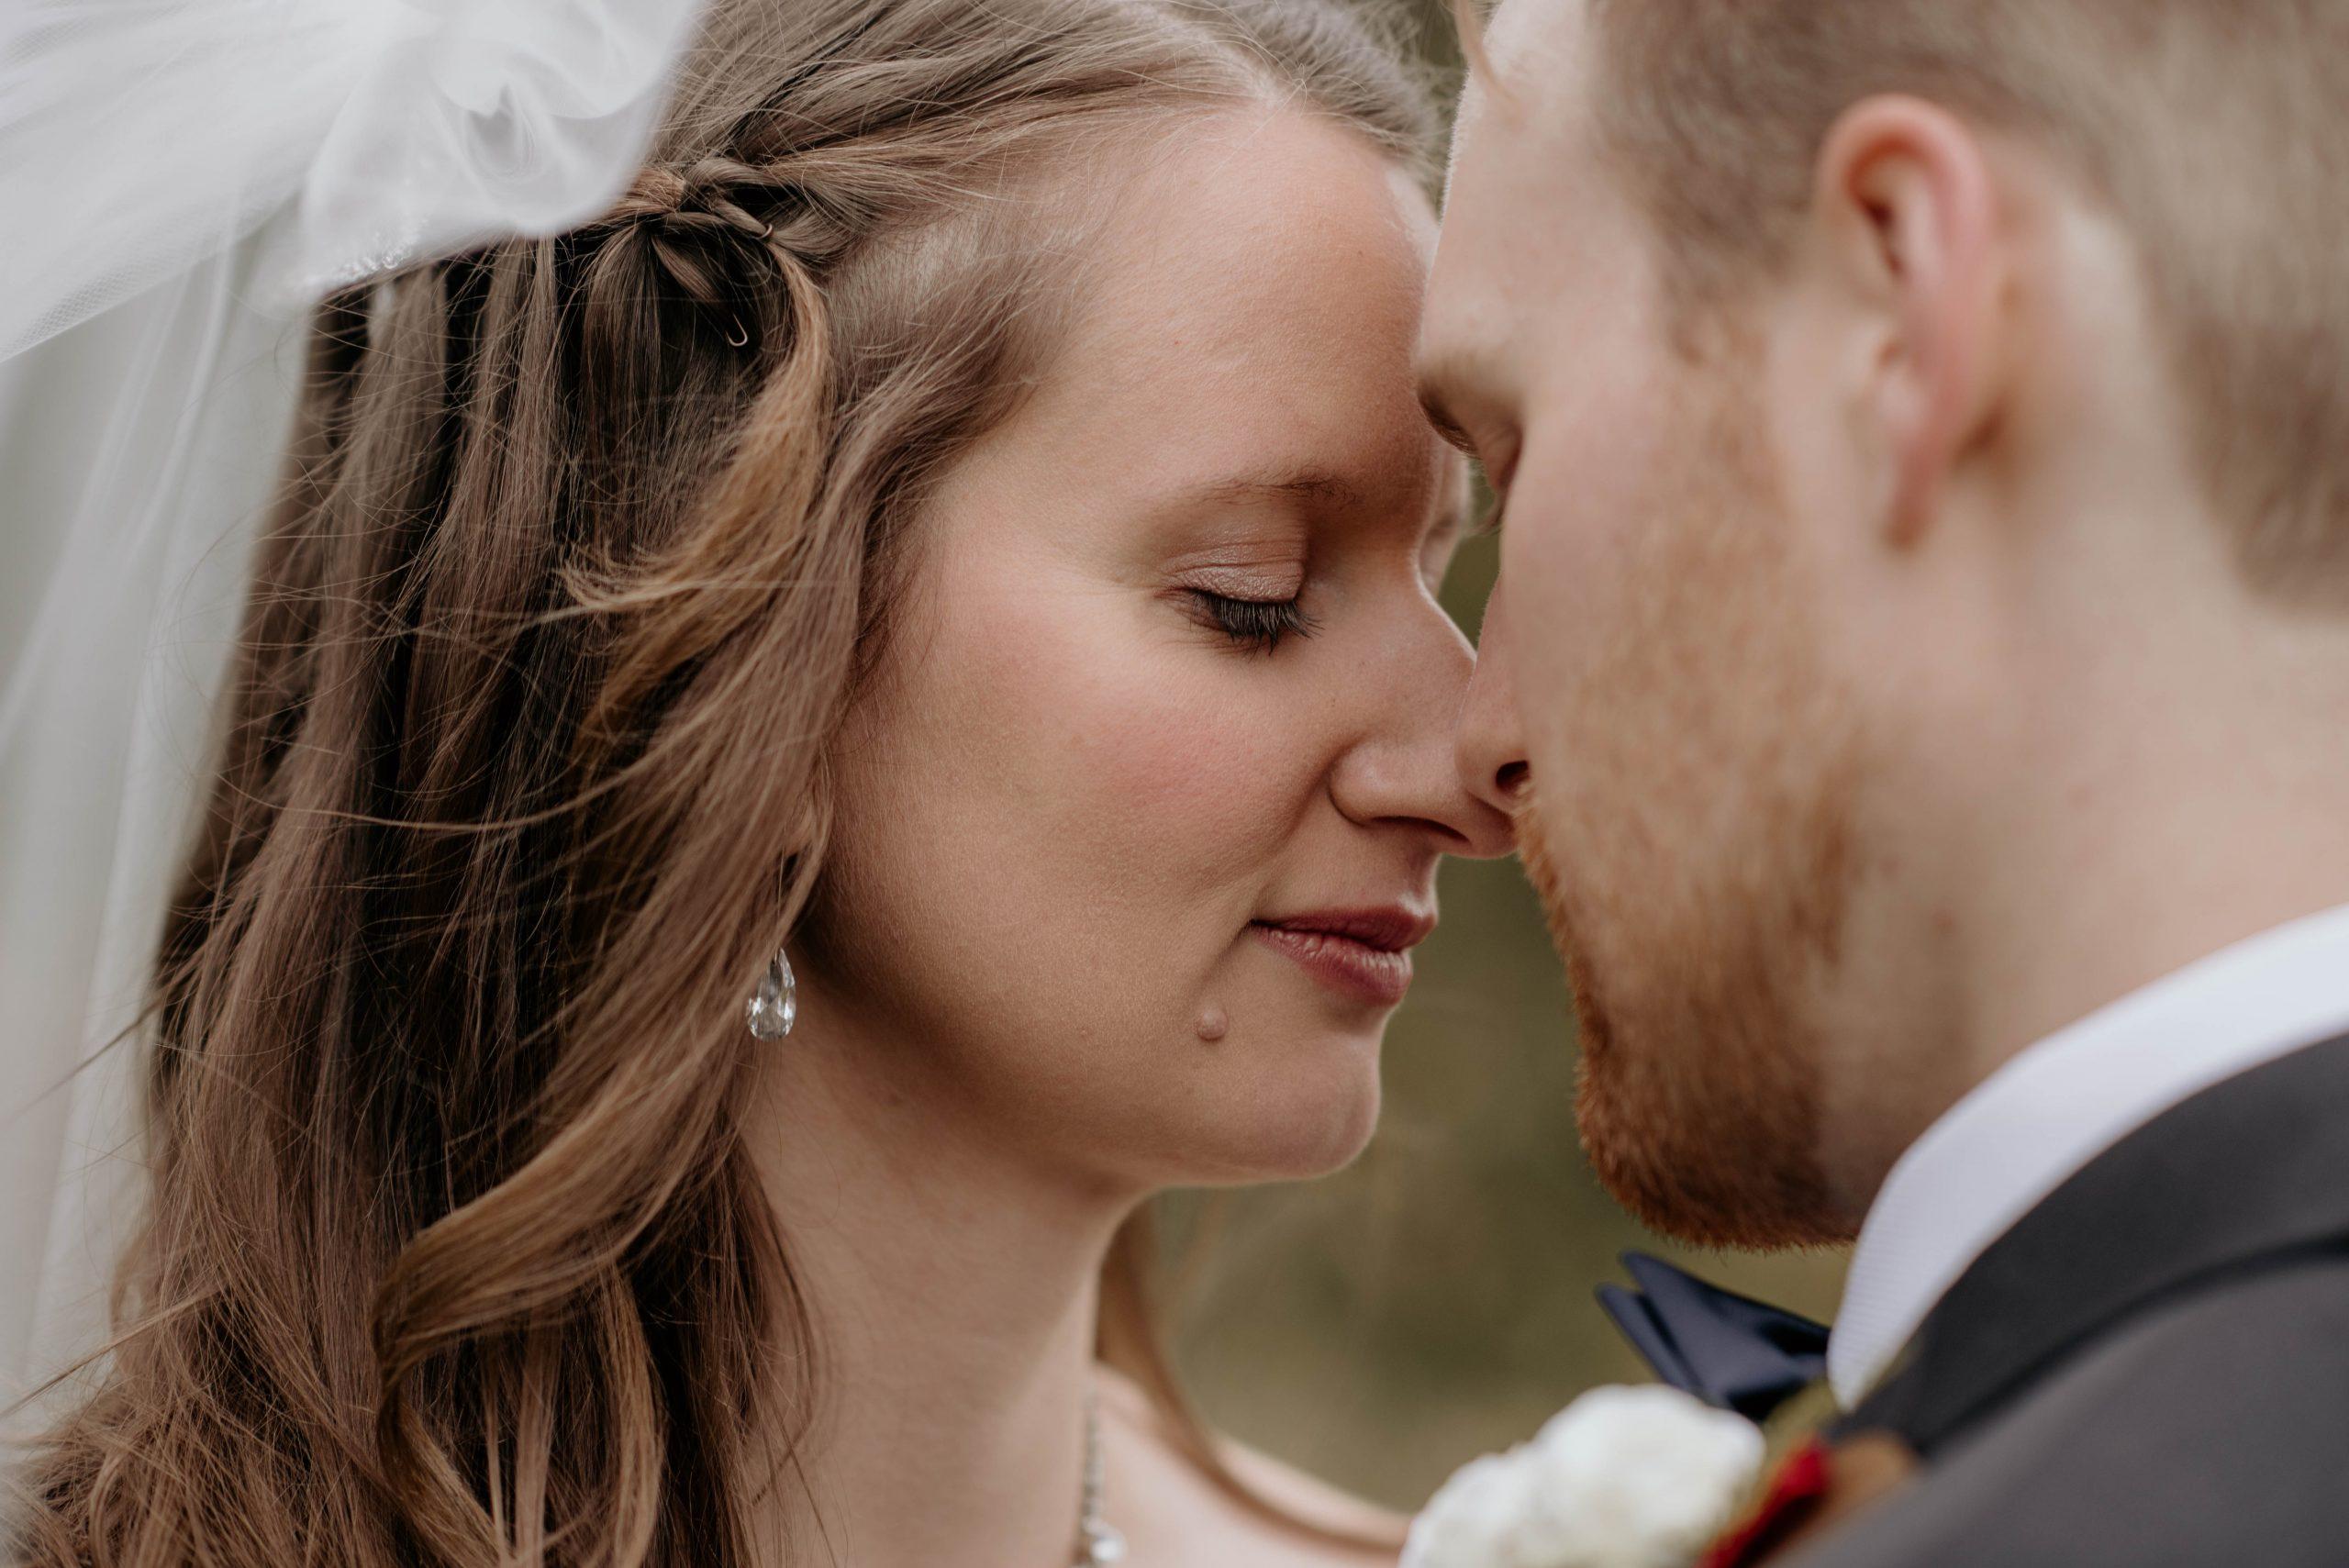 Wedding Couple Photography in Winnipeg Manitoba taken by Winnipeg Wedding Photographer